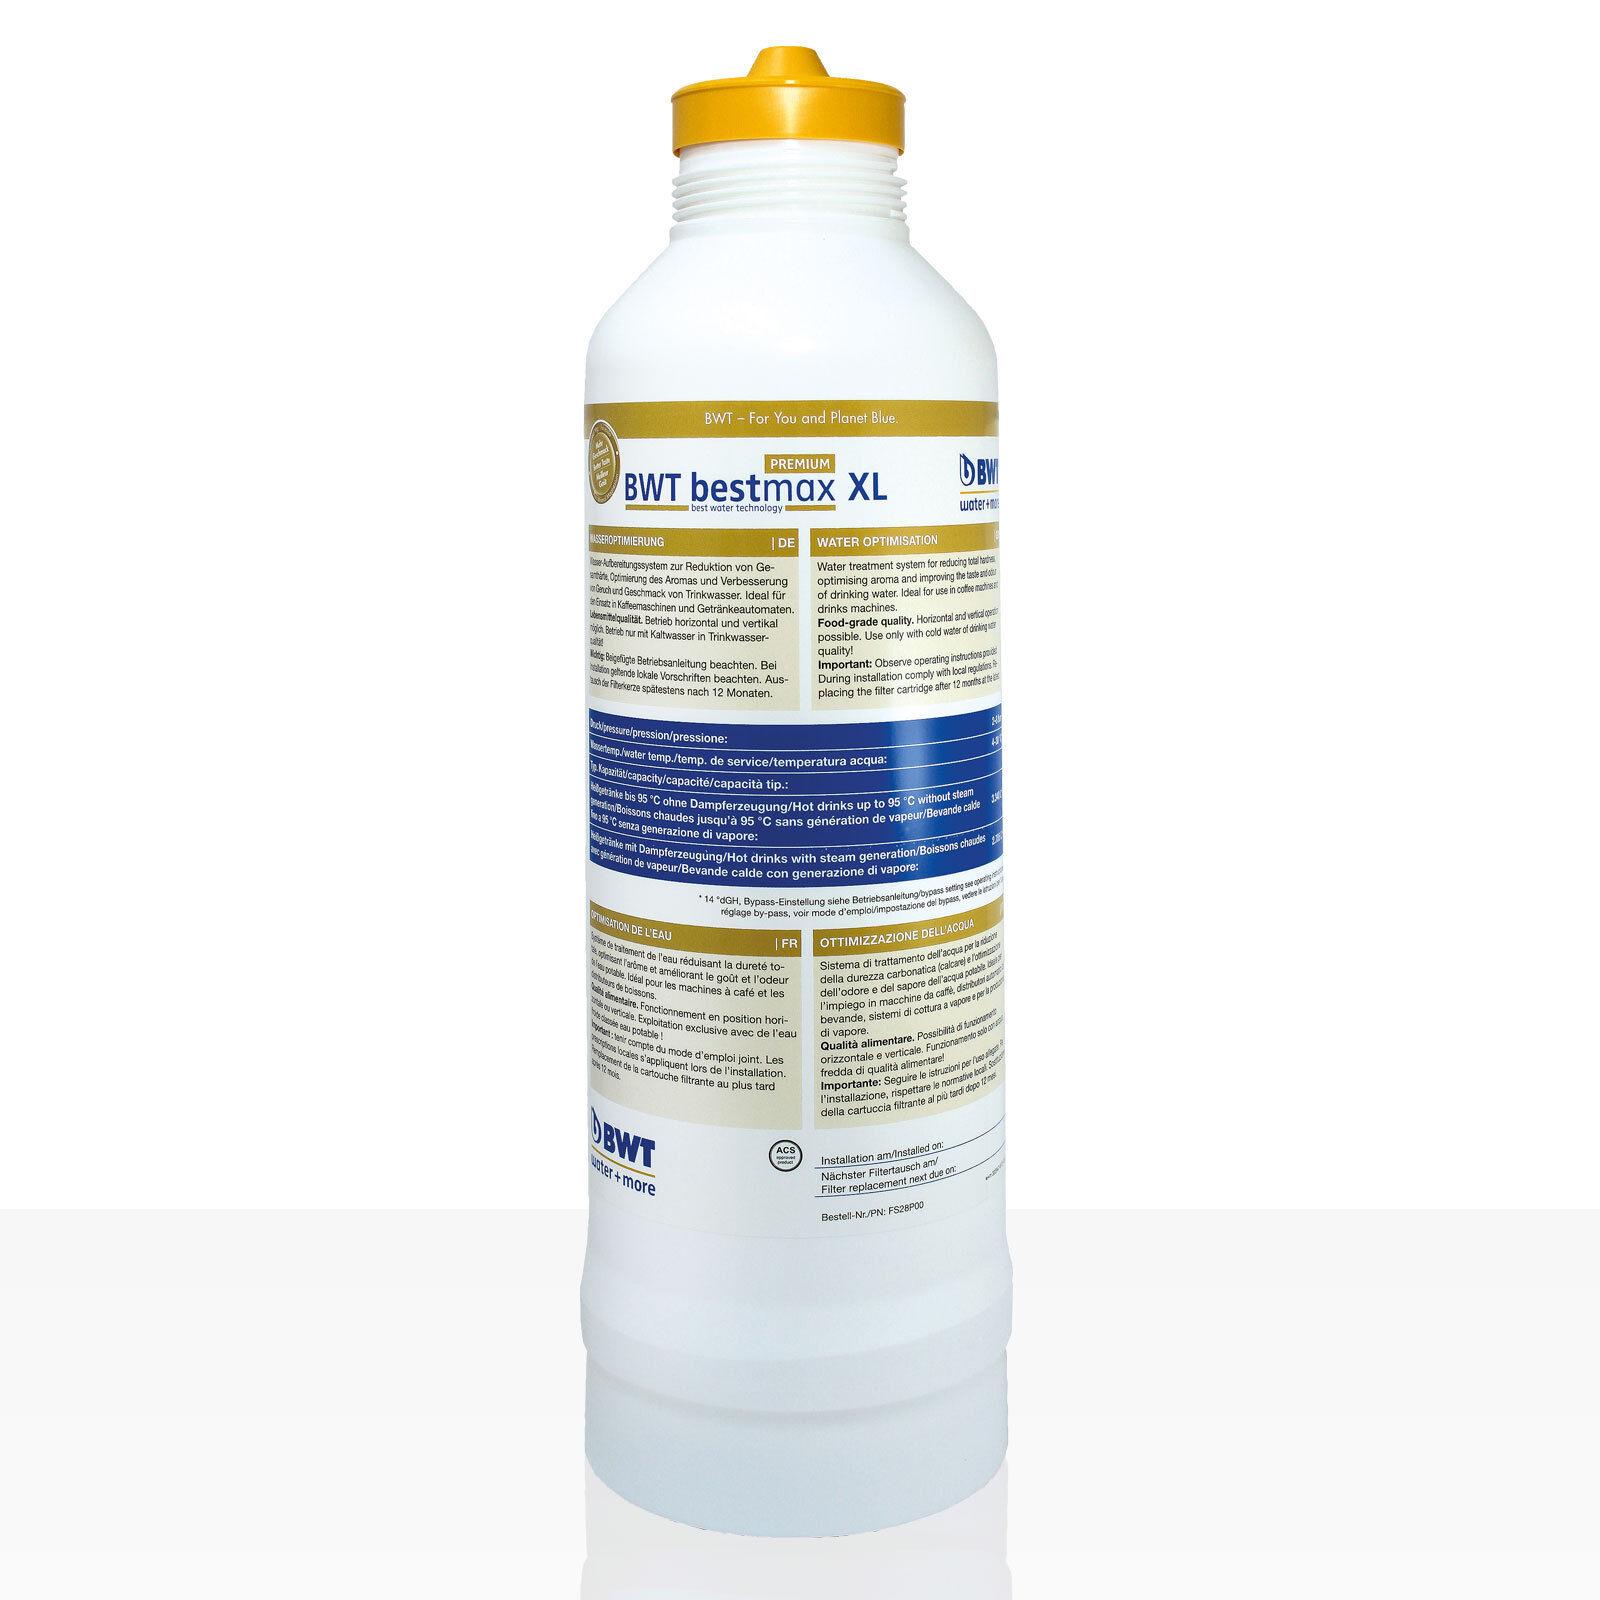 Bestmax XL Premium Filtre Bougie, BWT Water + More Filtre à Eau, environ 4300 l